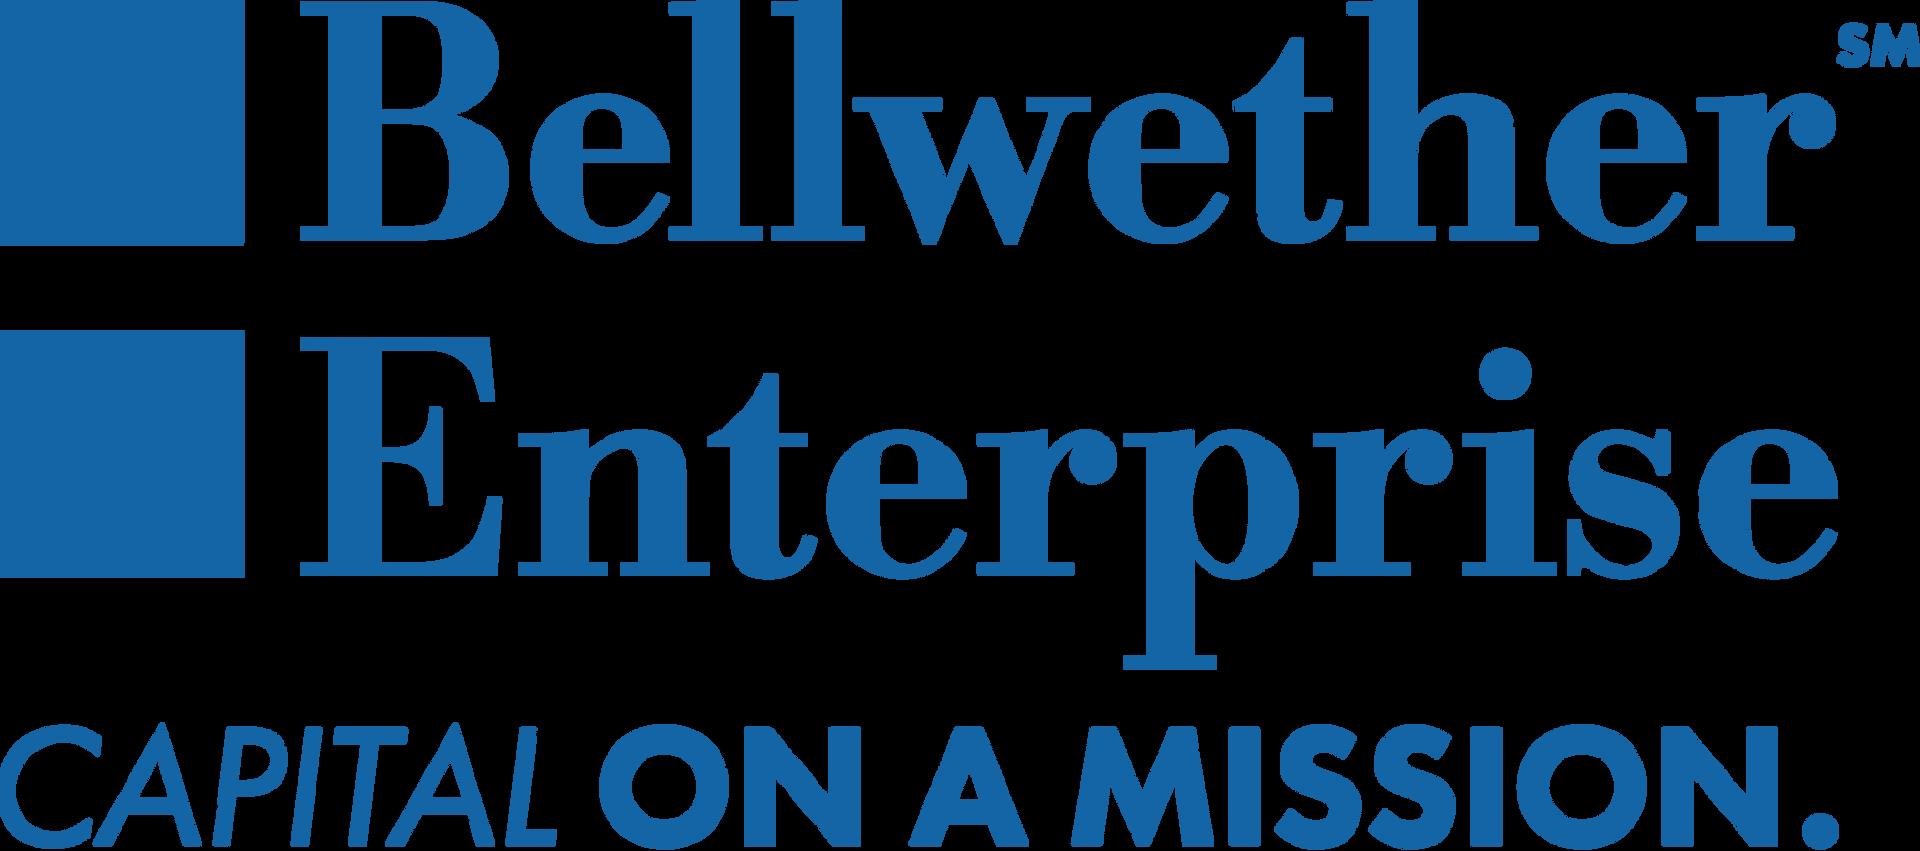 Bellwether Enterprise.png